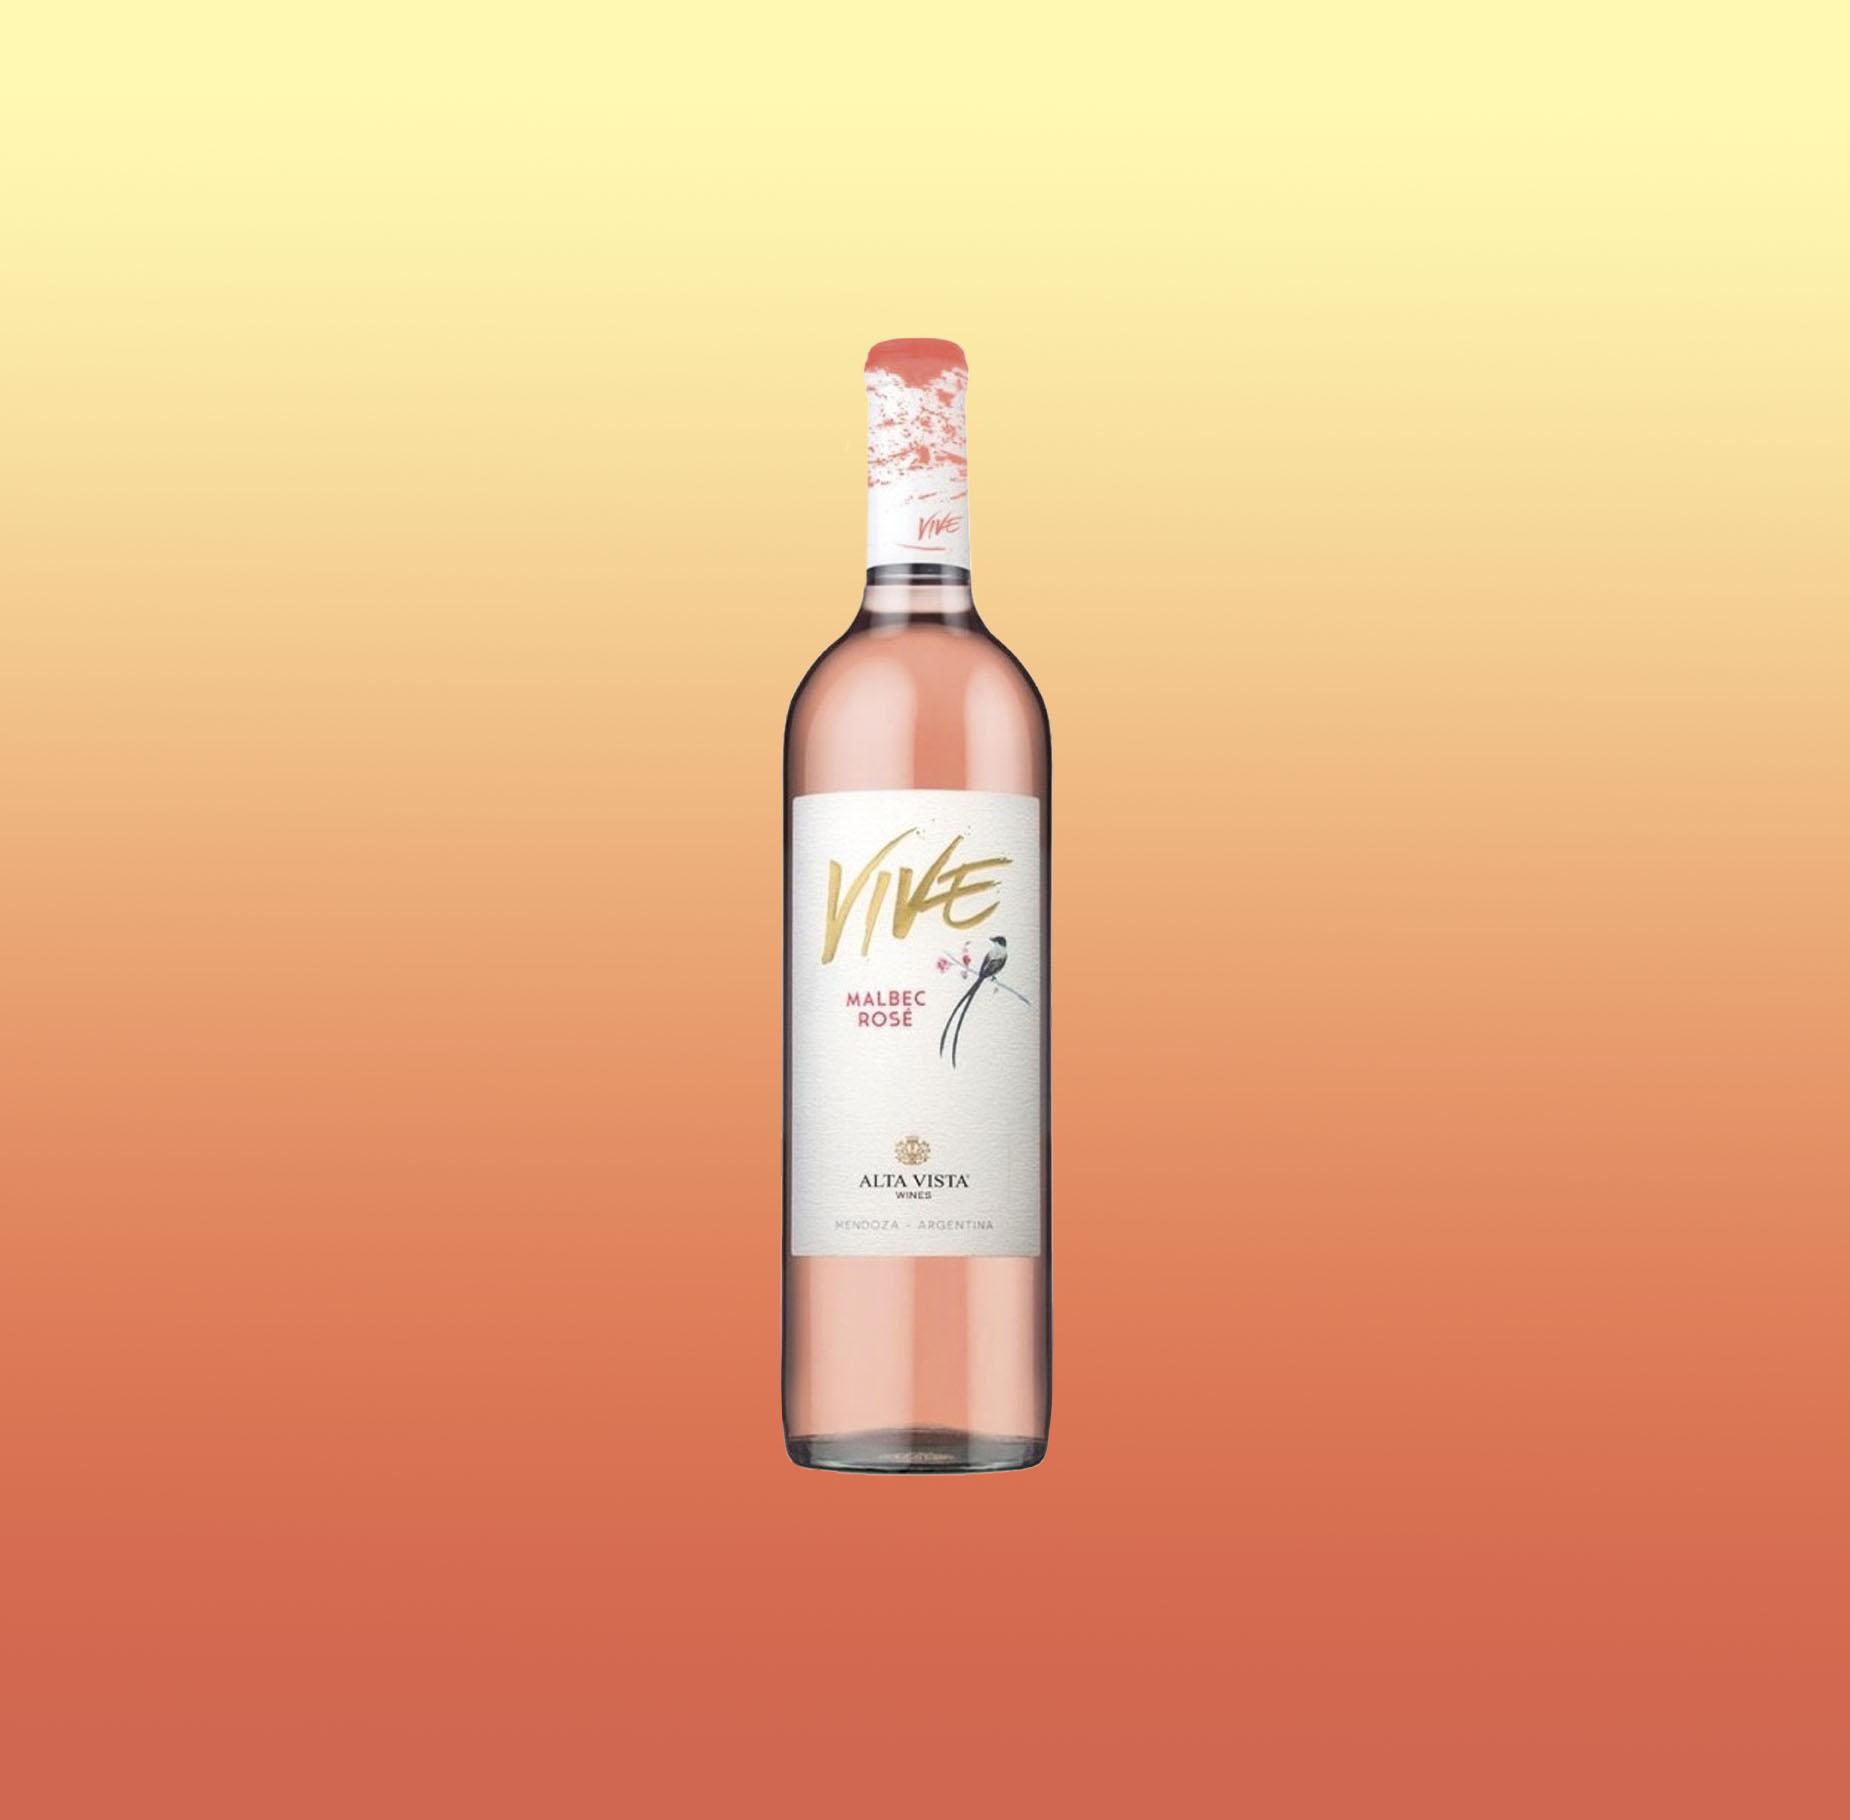 Alta Vista Vive Malbec Rosé